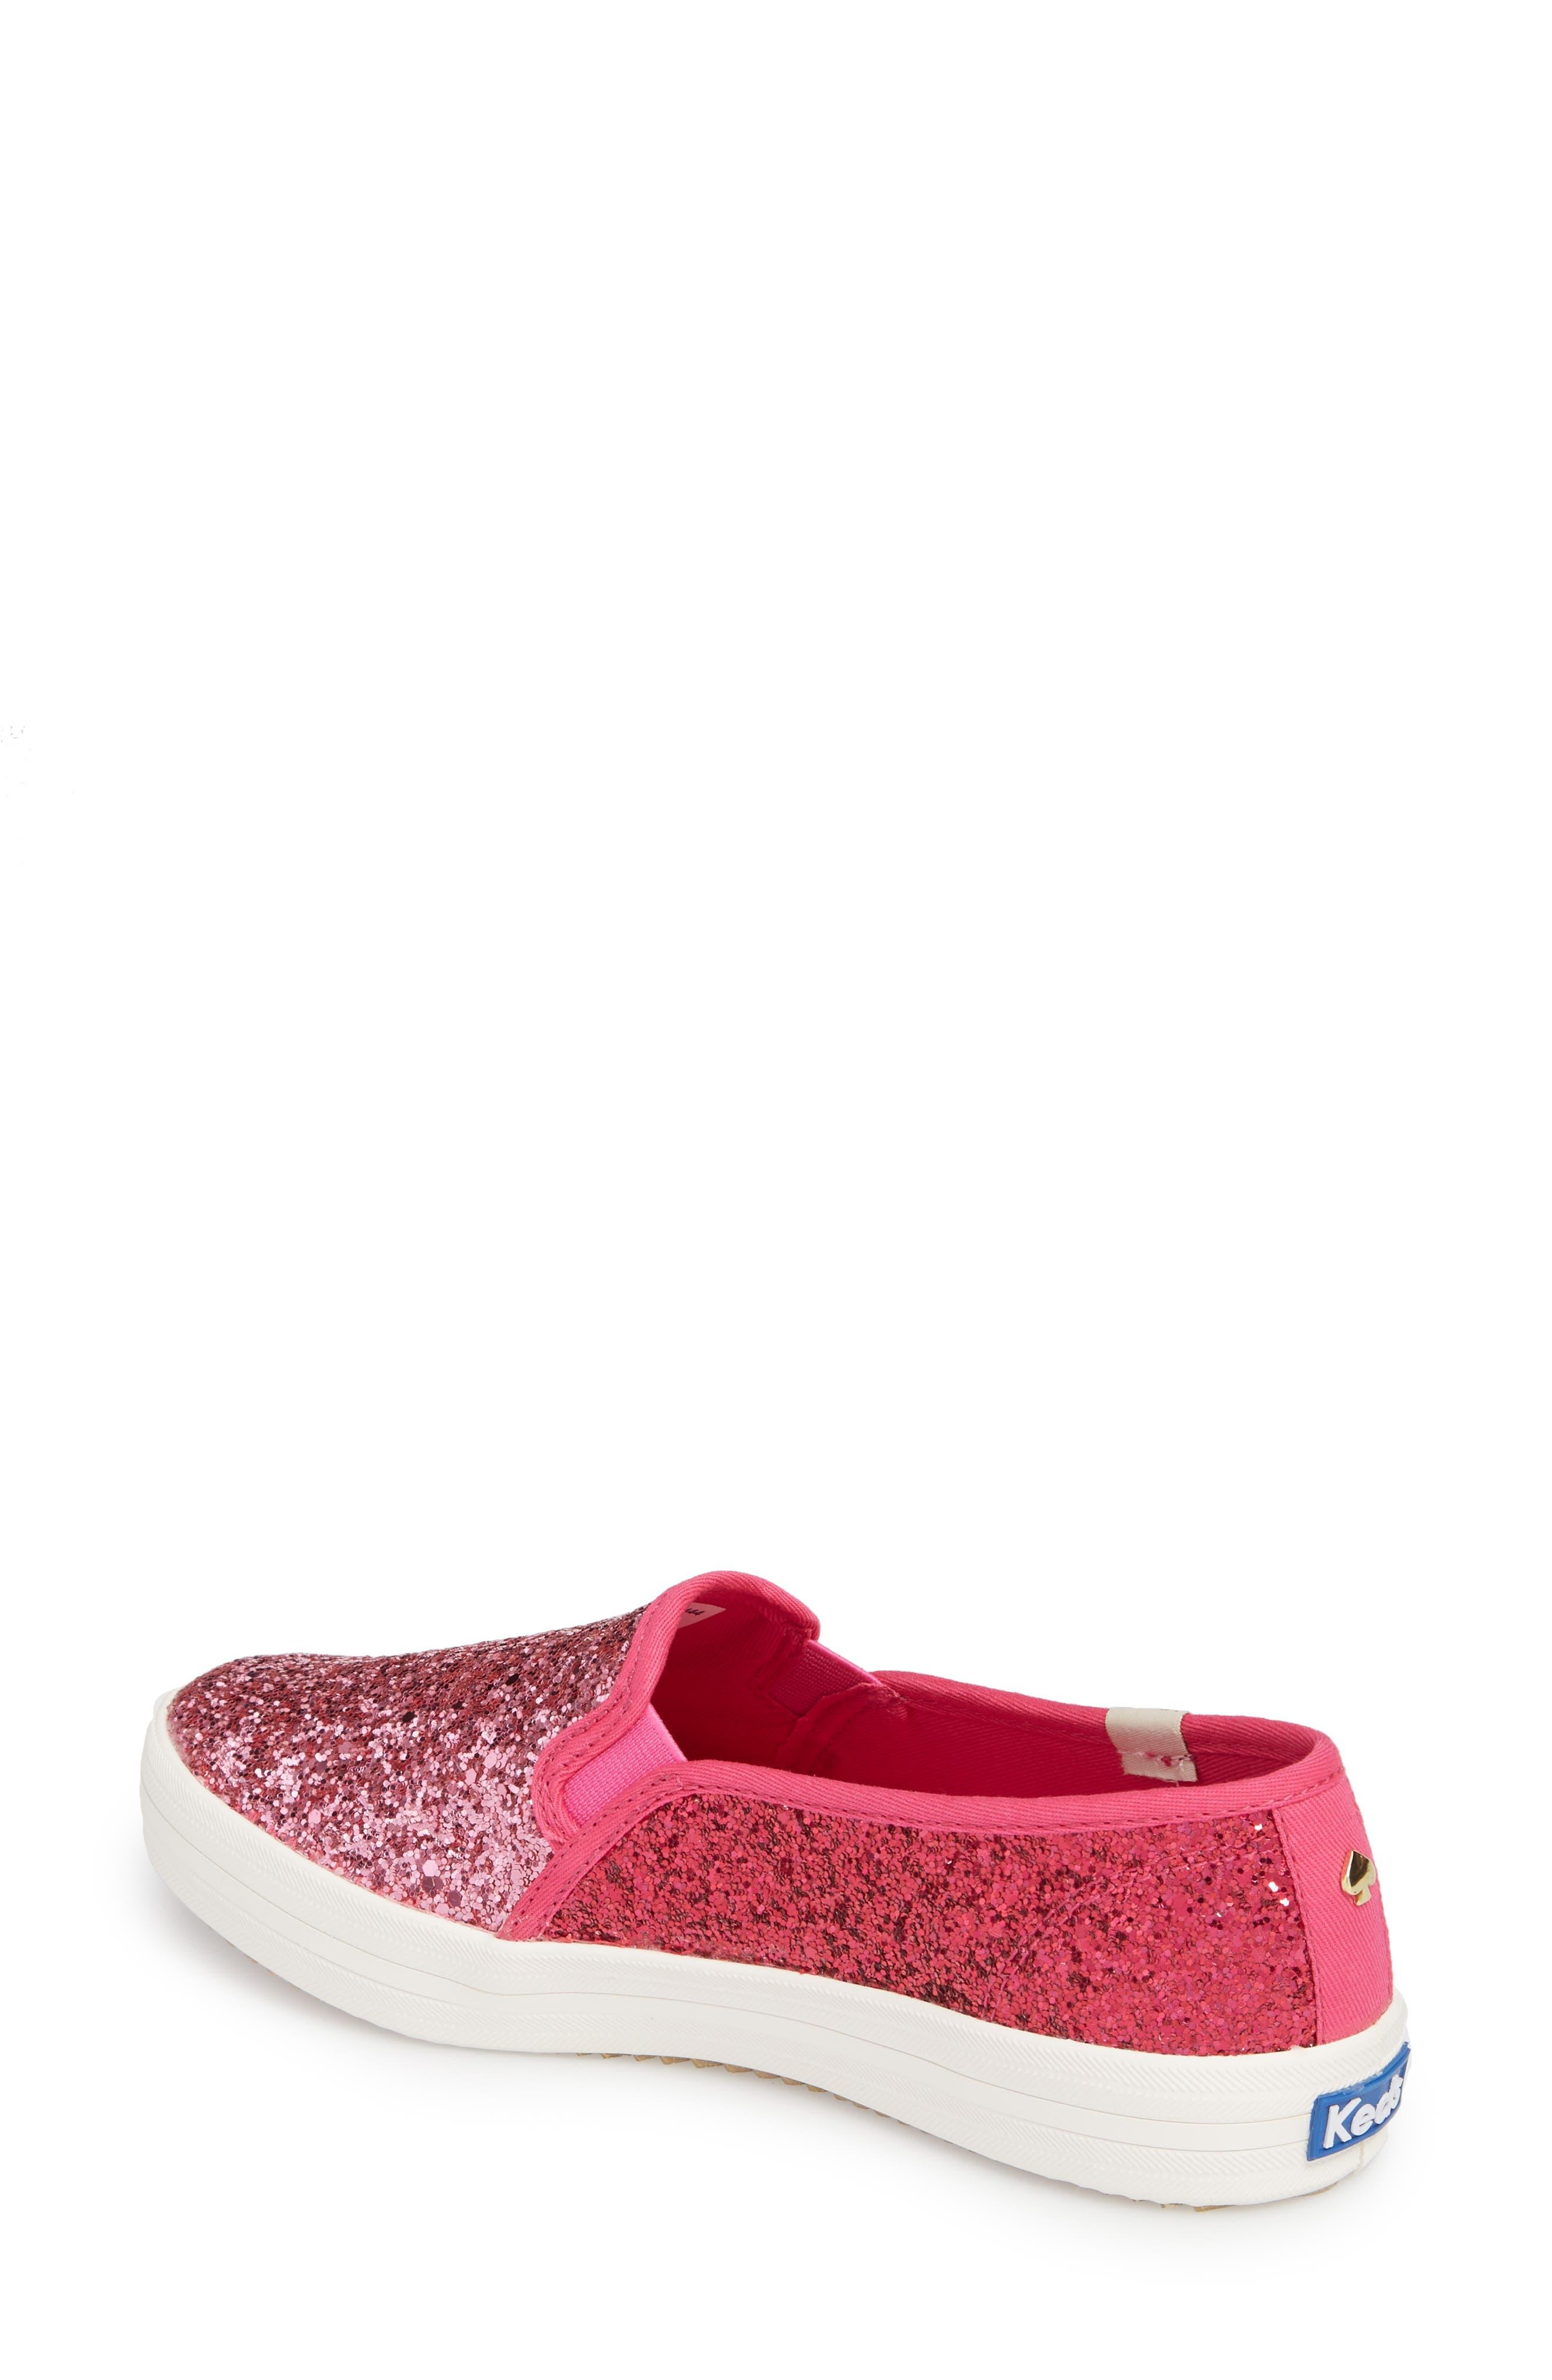 double decker glitter slip-on sneaker,                             Alternate thumbnail 2, color,                             Pink Glitter